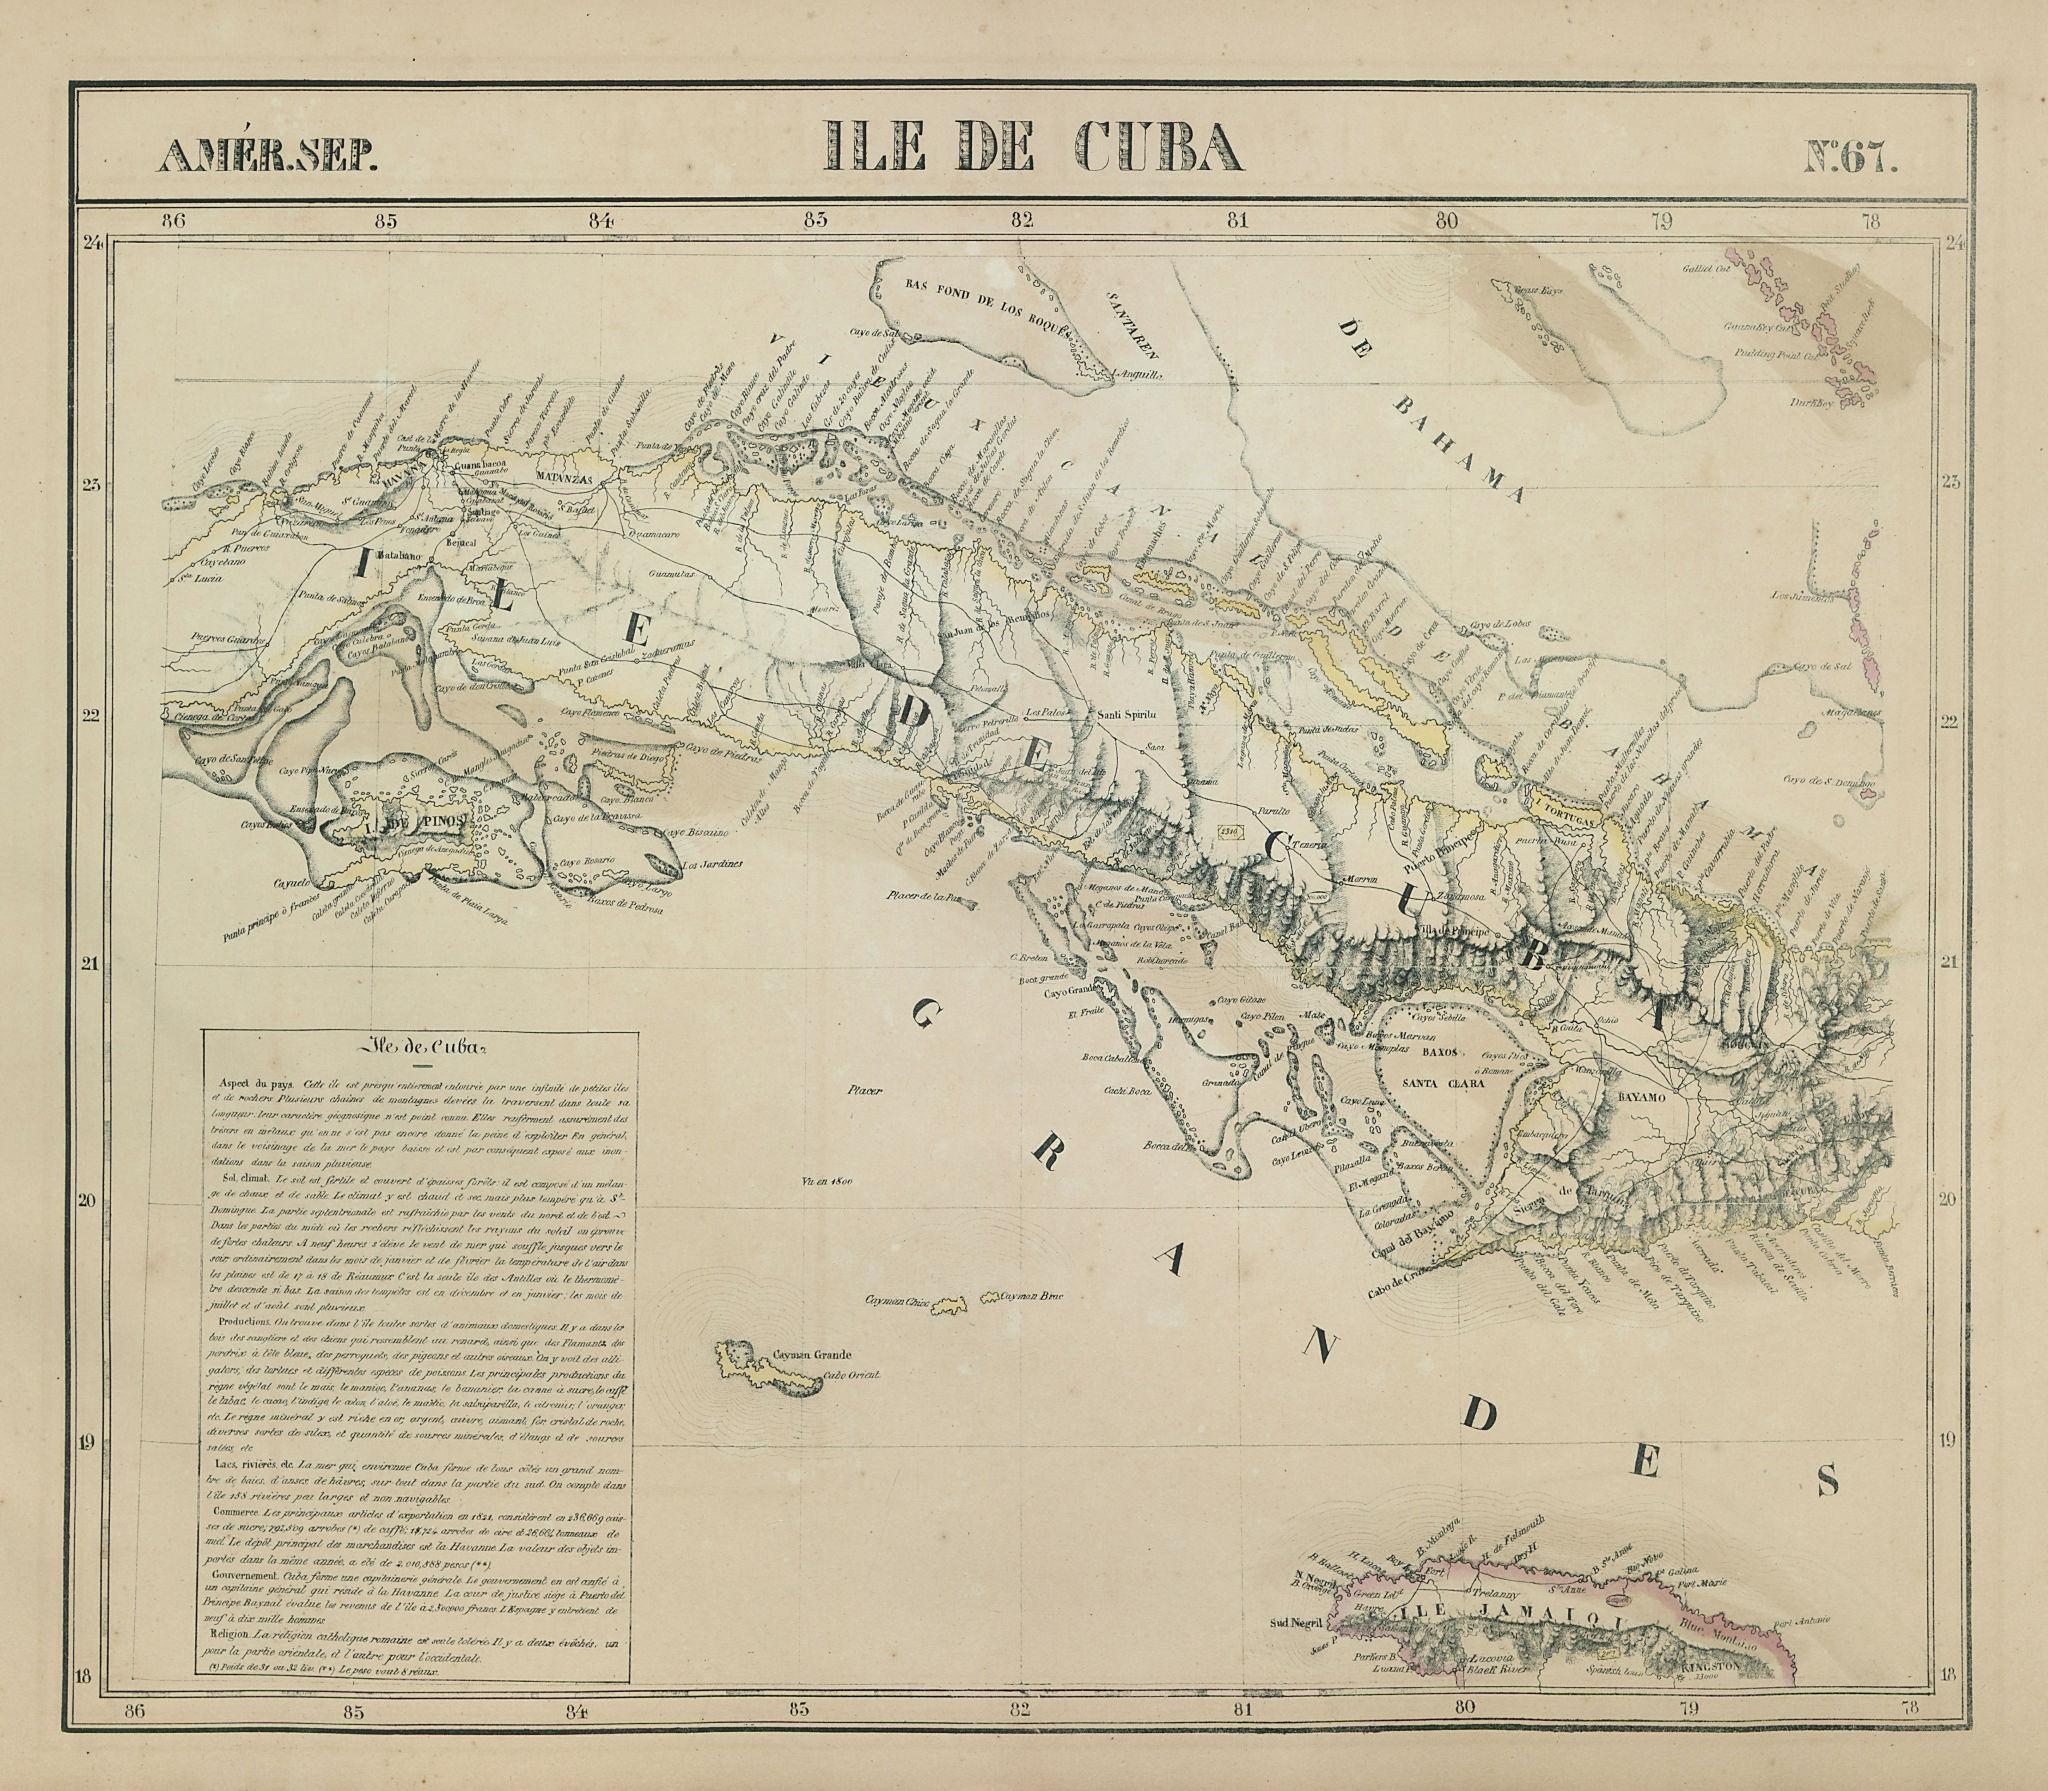 Amér. Sep. Ile de Cuba #67. Cuba & Jamaica Cayman Islands. VANDERMAELEN 1827 map